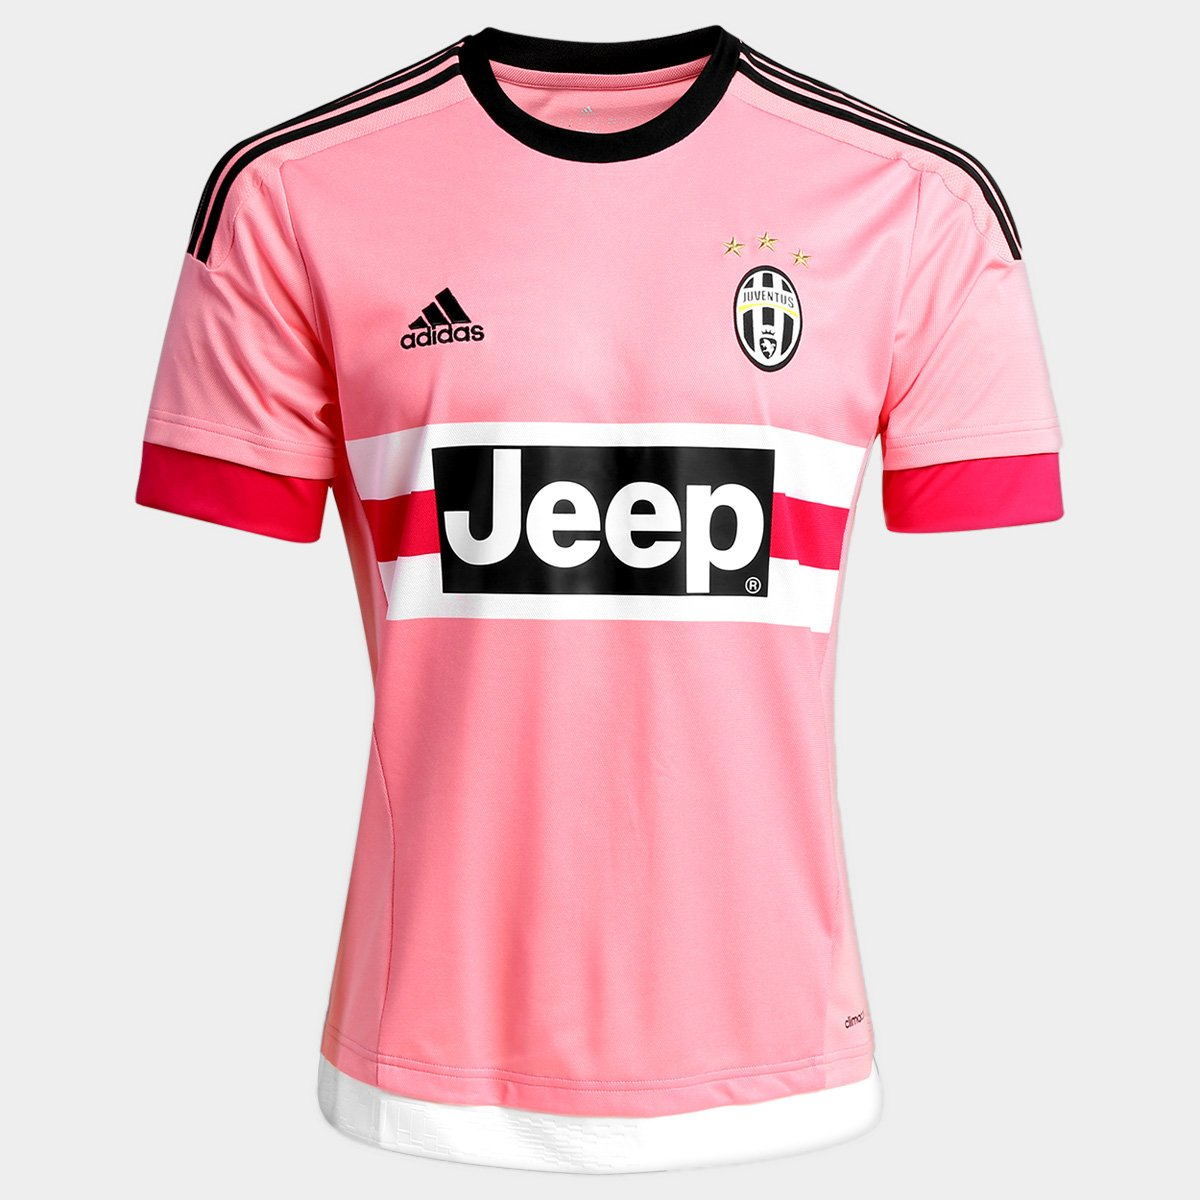 Camisa Adidas Juventus Away 15 16 s nº - Compre Agora  590ed415d9b49